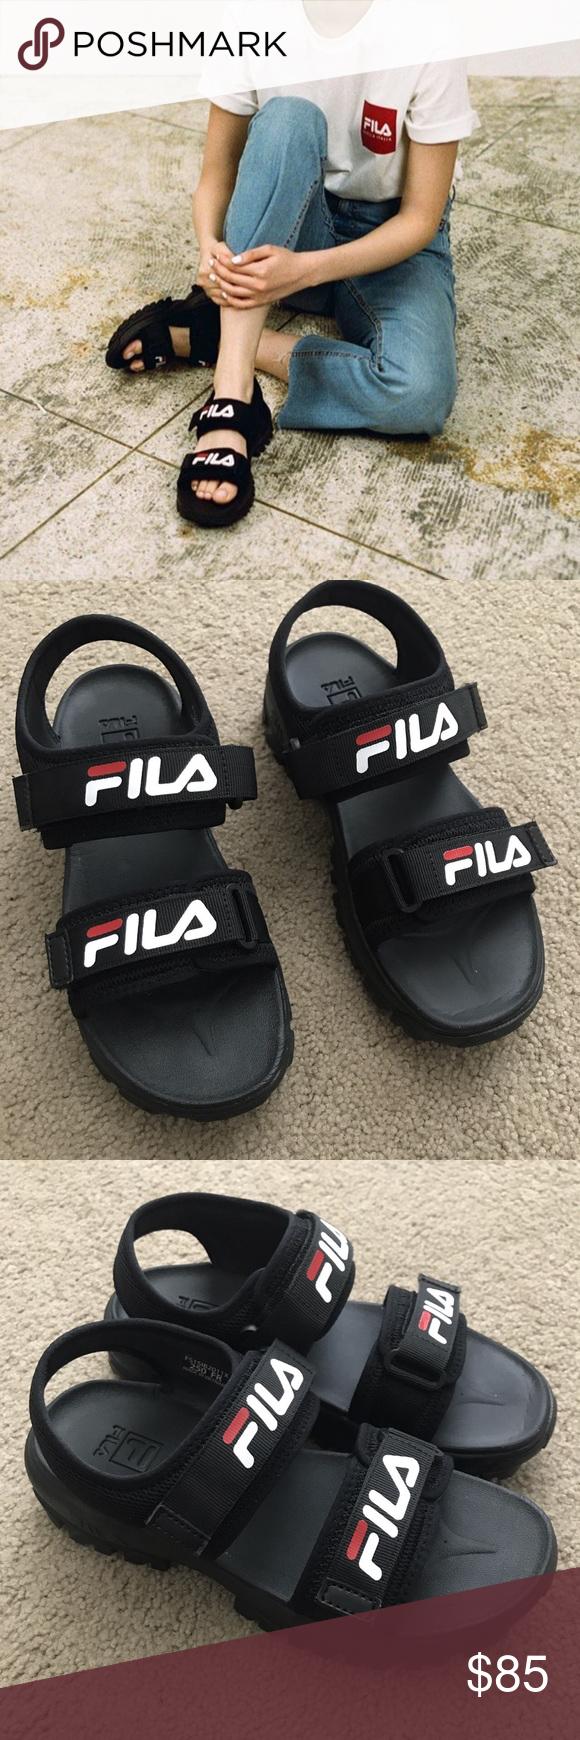 original price of fila shoes